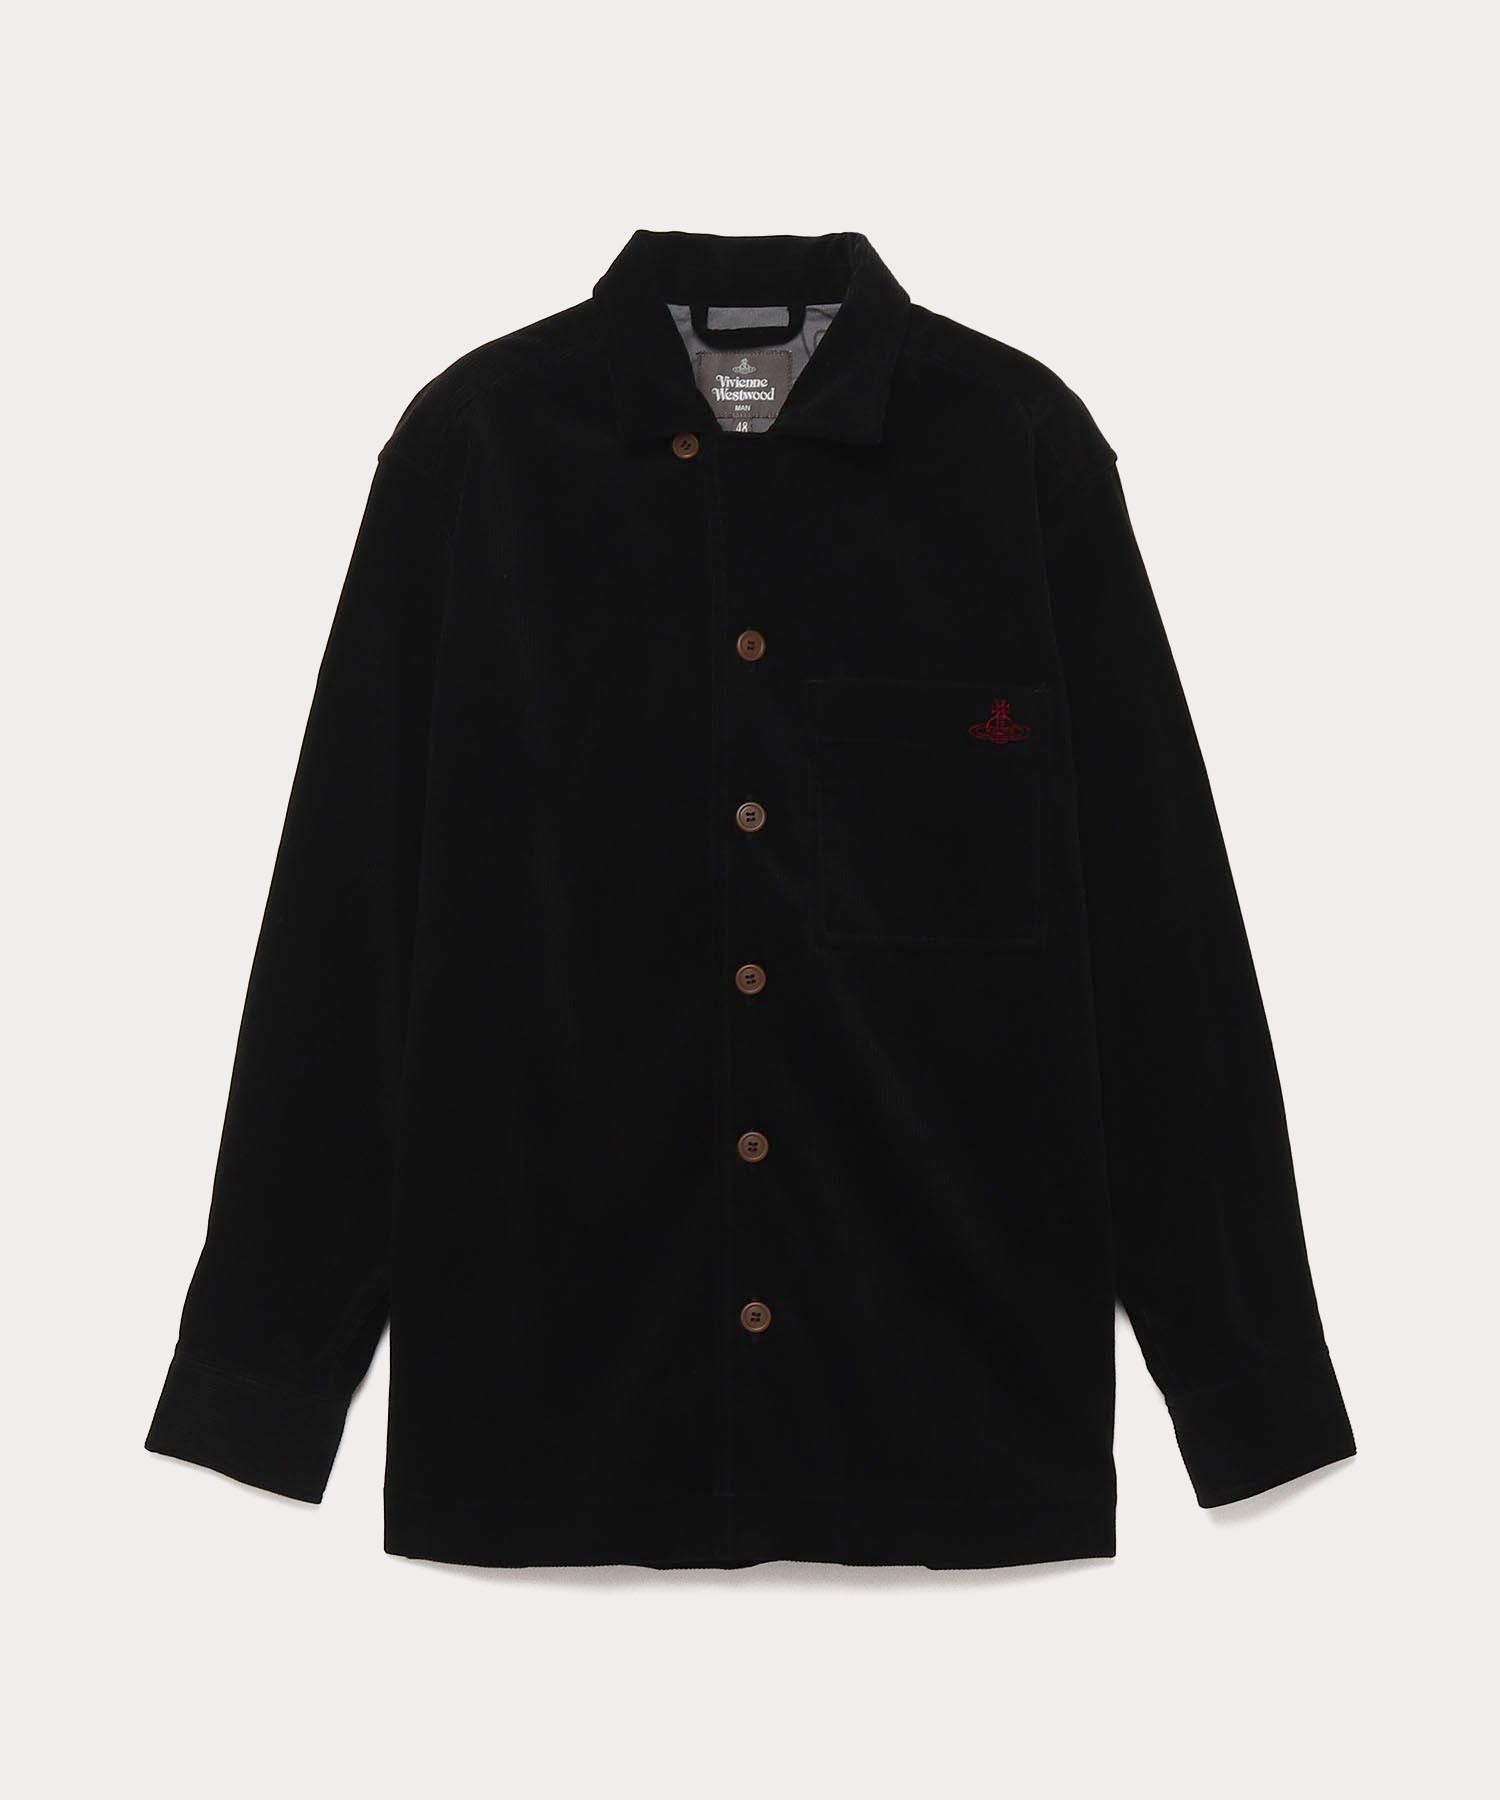 オンラインショップ限定 コーデュロイ オープンカラーシャツ